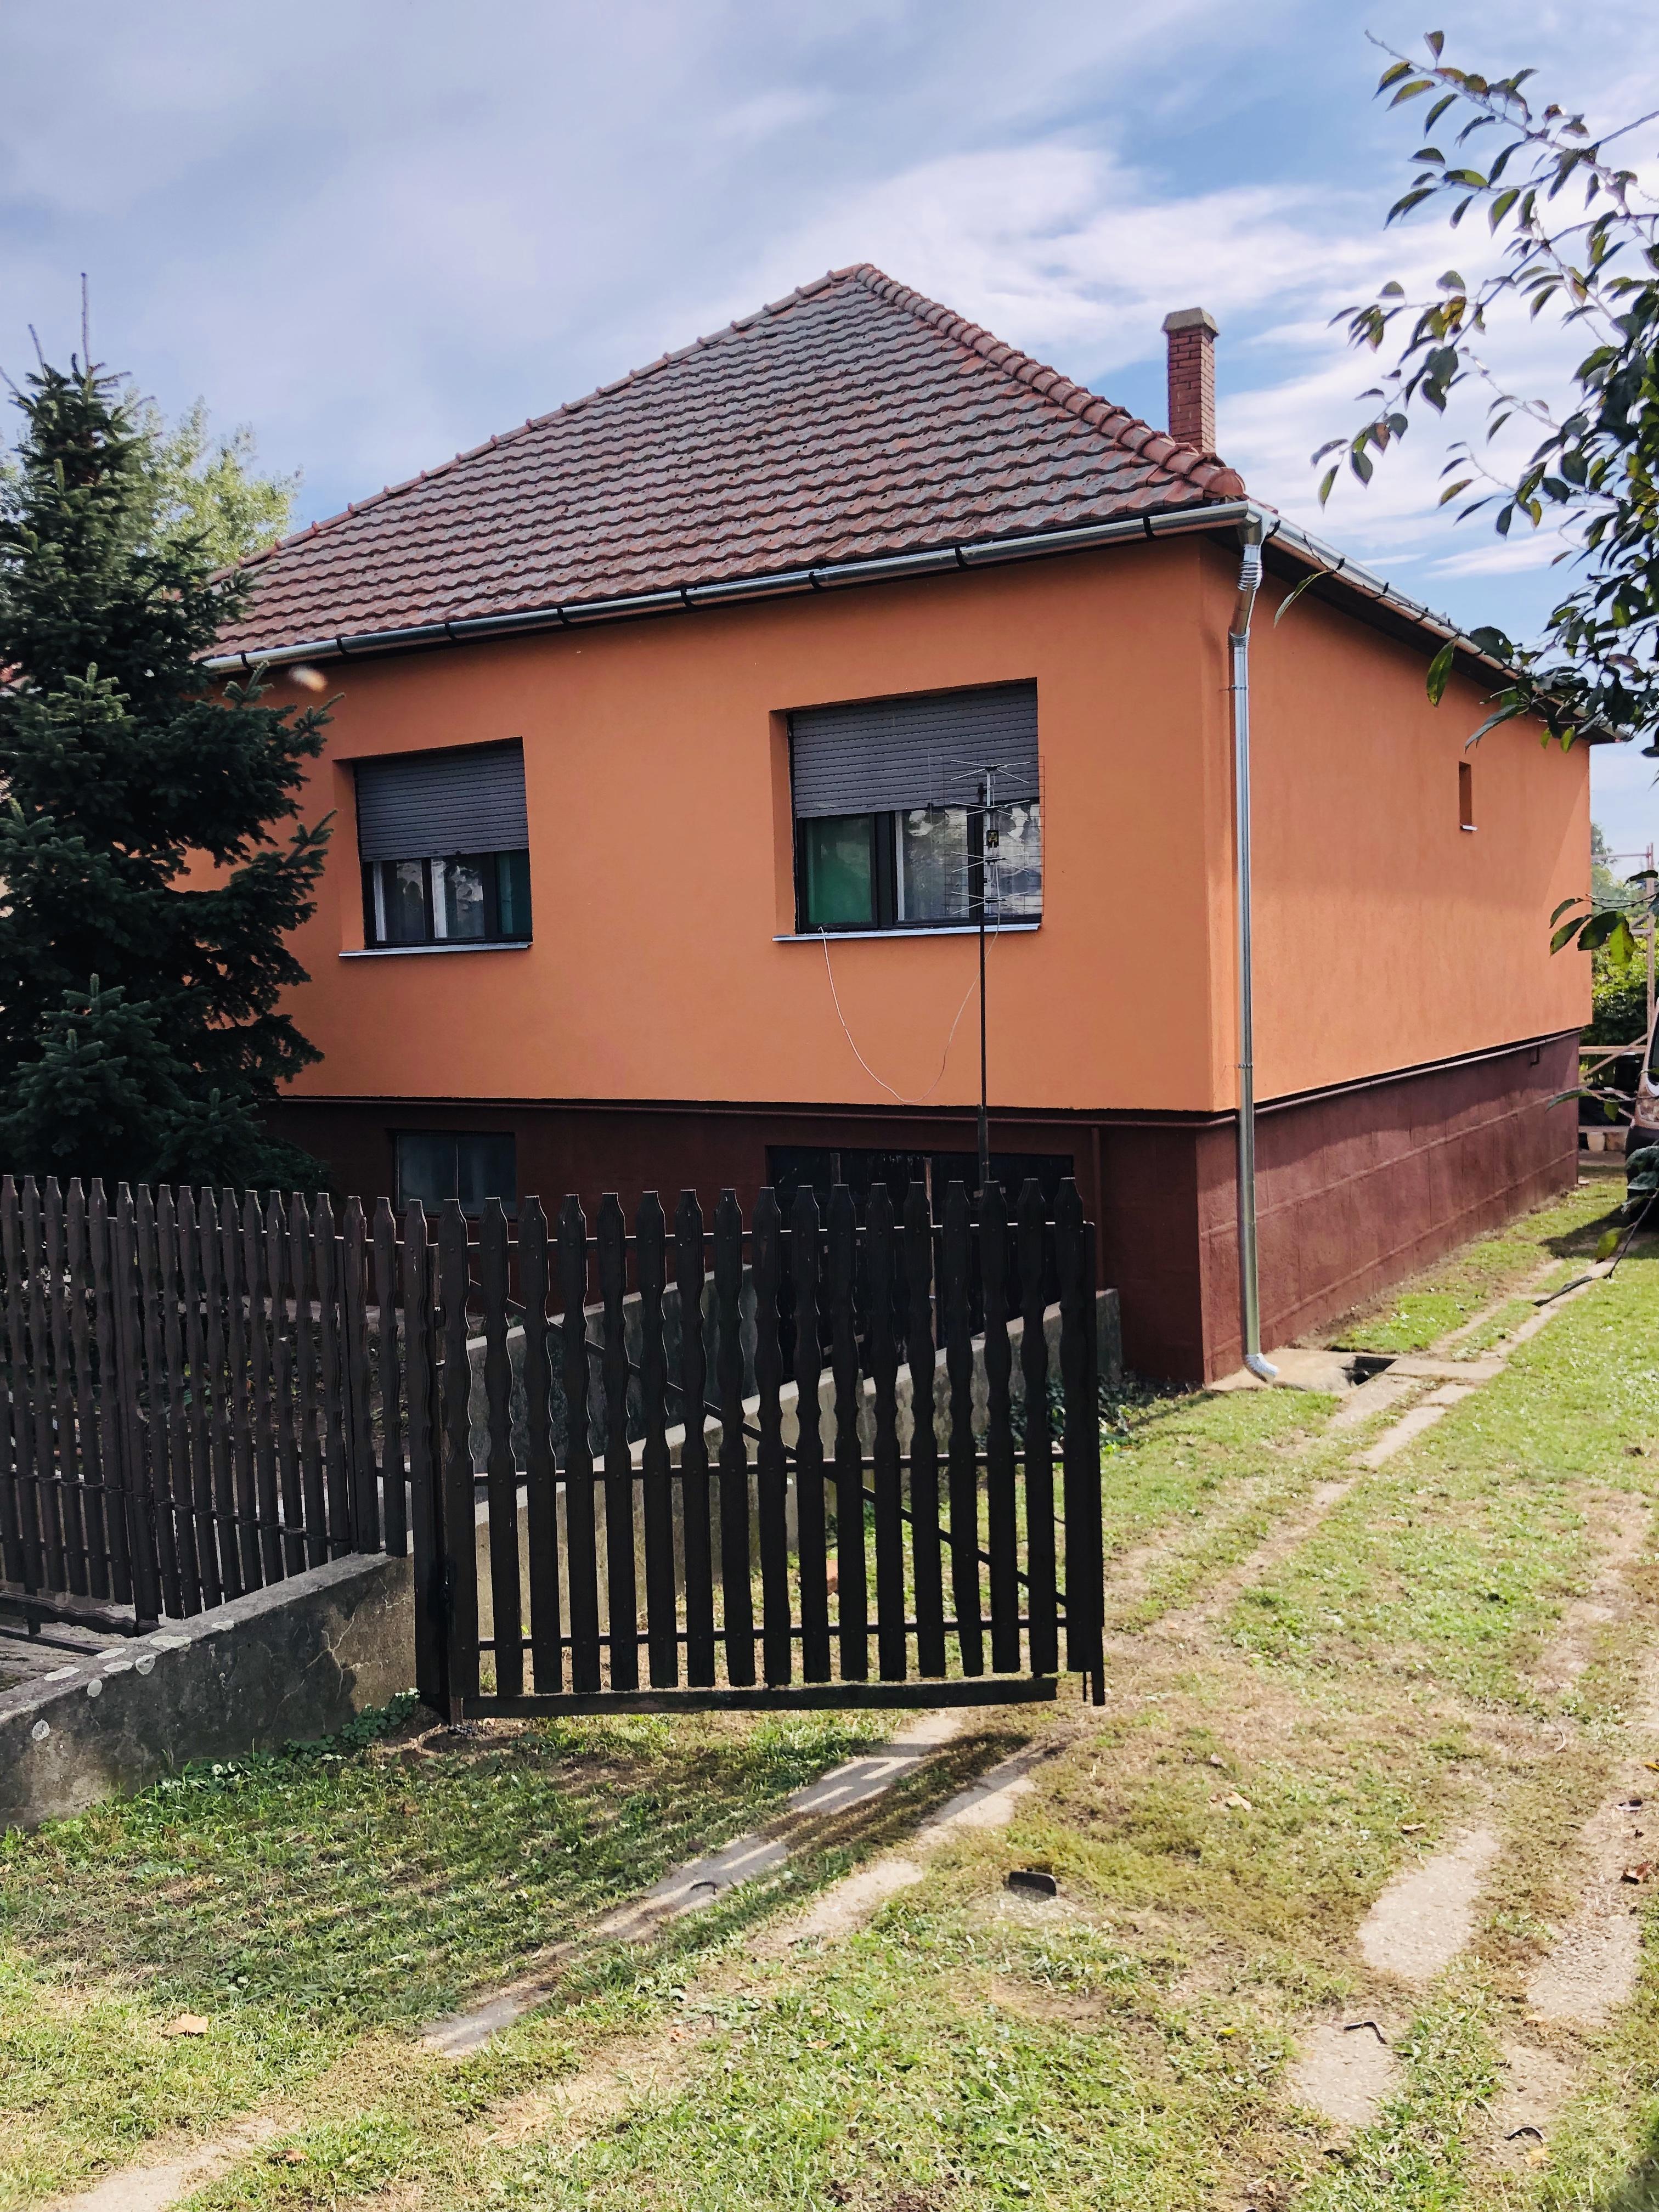 Hőszigetelés Dunaegyháza - Dunaegyháza hőszigetelés